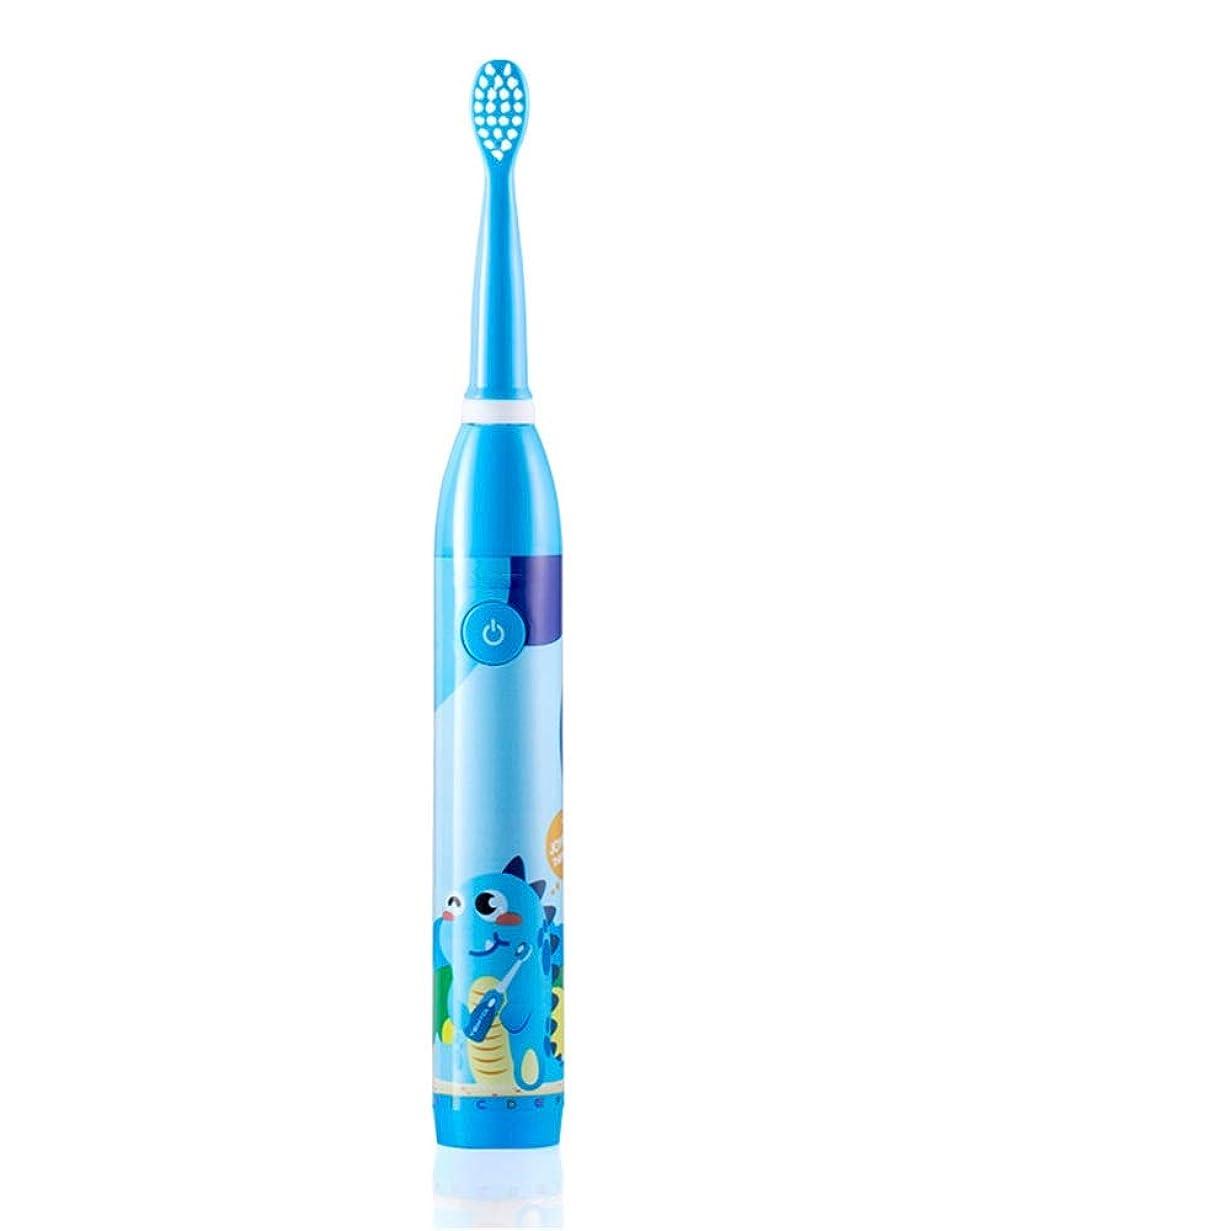 熱心な守るホステス電動歯ブラシ 子供のために適した子供の電動歯ブラシUSB充電式防水歯ブラシ2-5 ケアー プロテクトクリーン (色 : 青, サイズ : Free size)